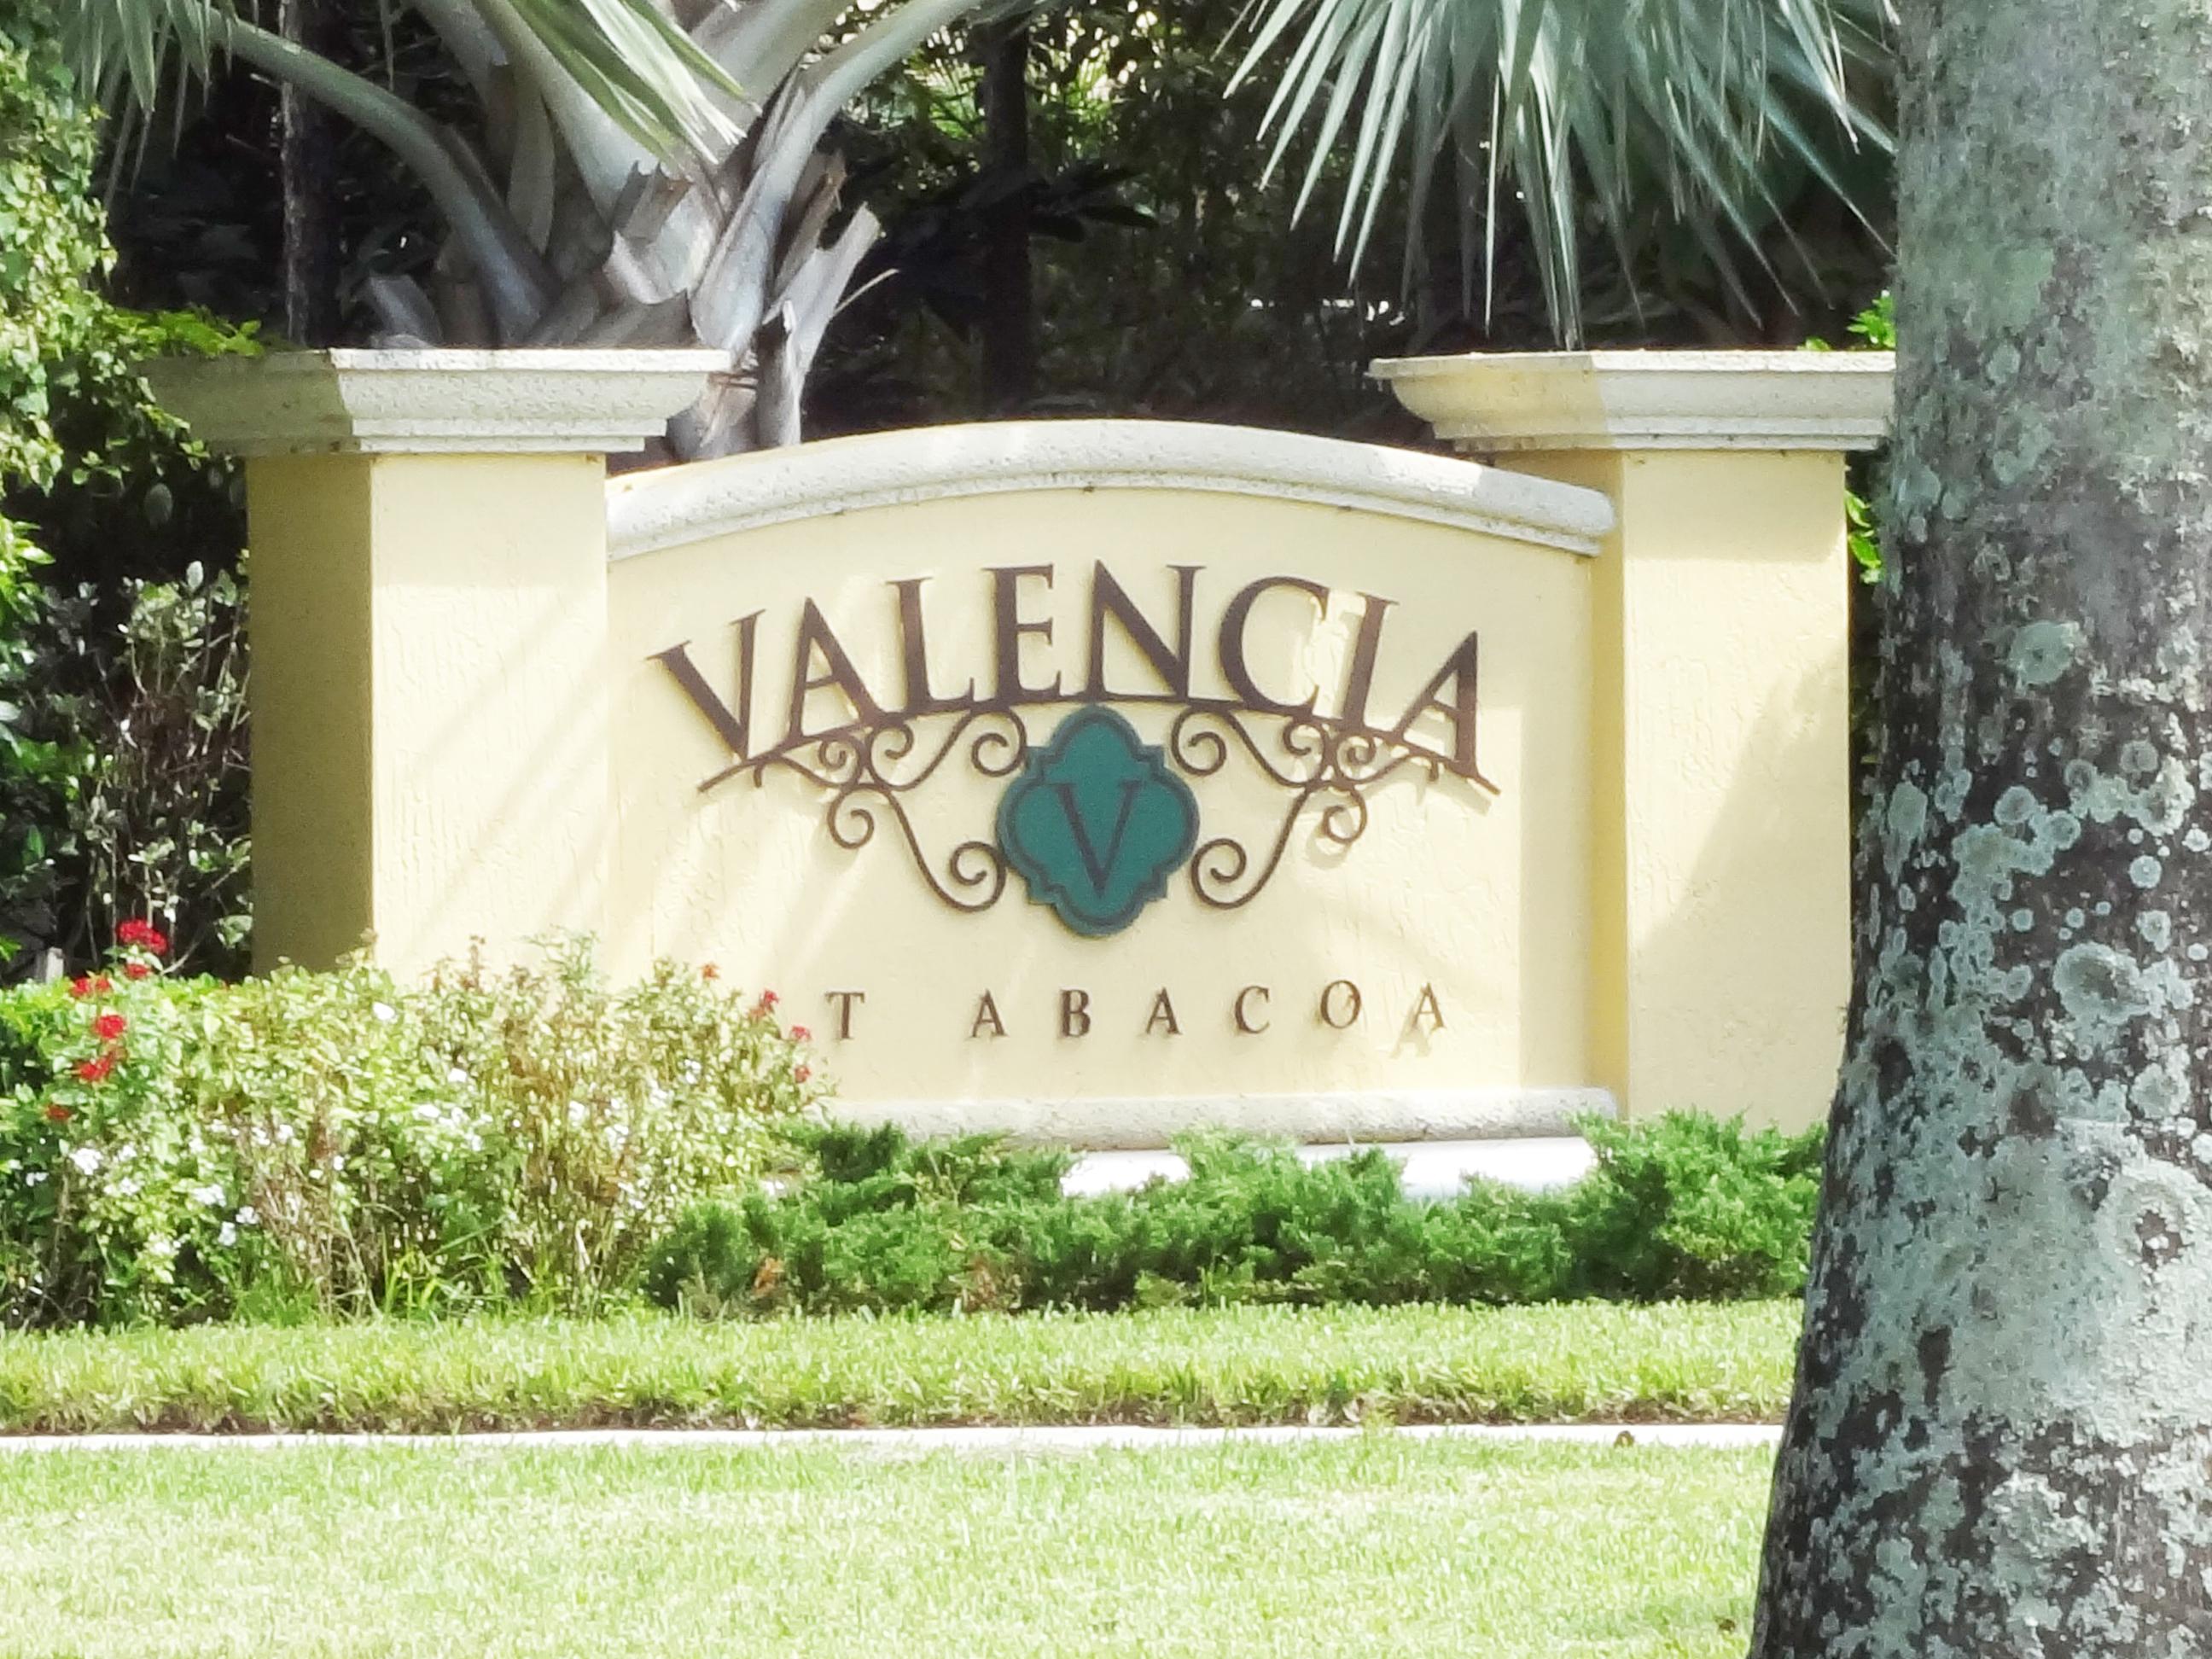 Valencia Abacoa entrance signage